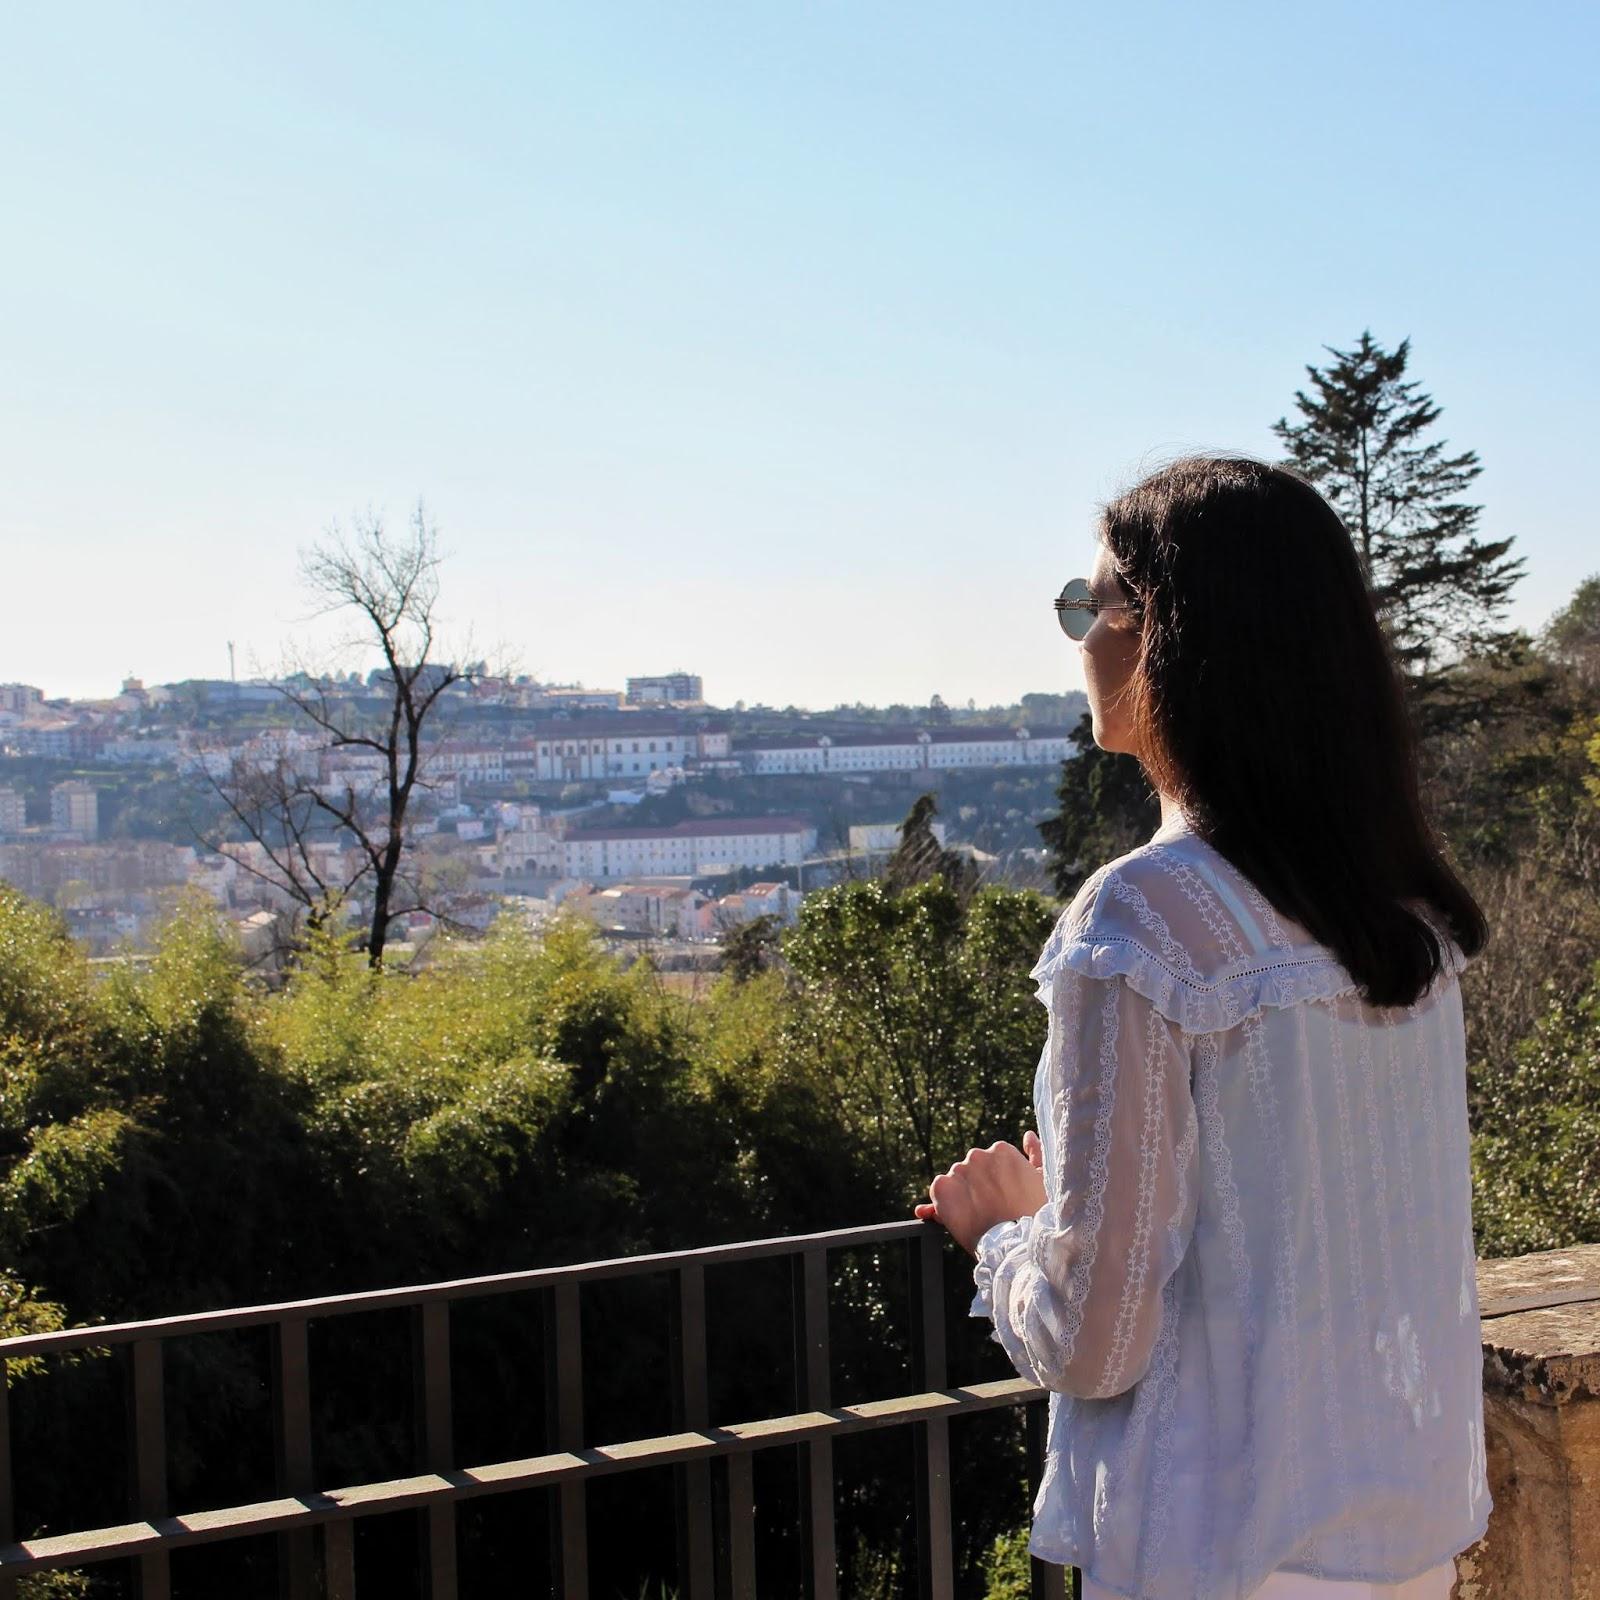 Vista sobre a cidade de Coimbra